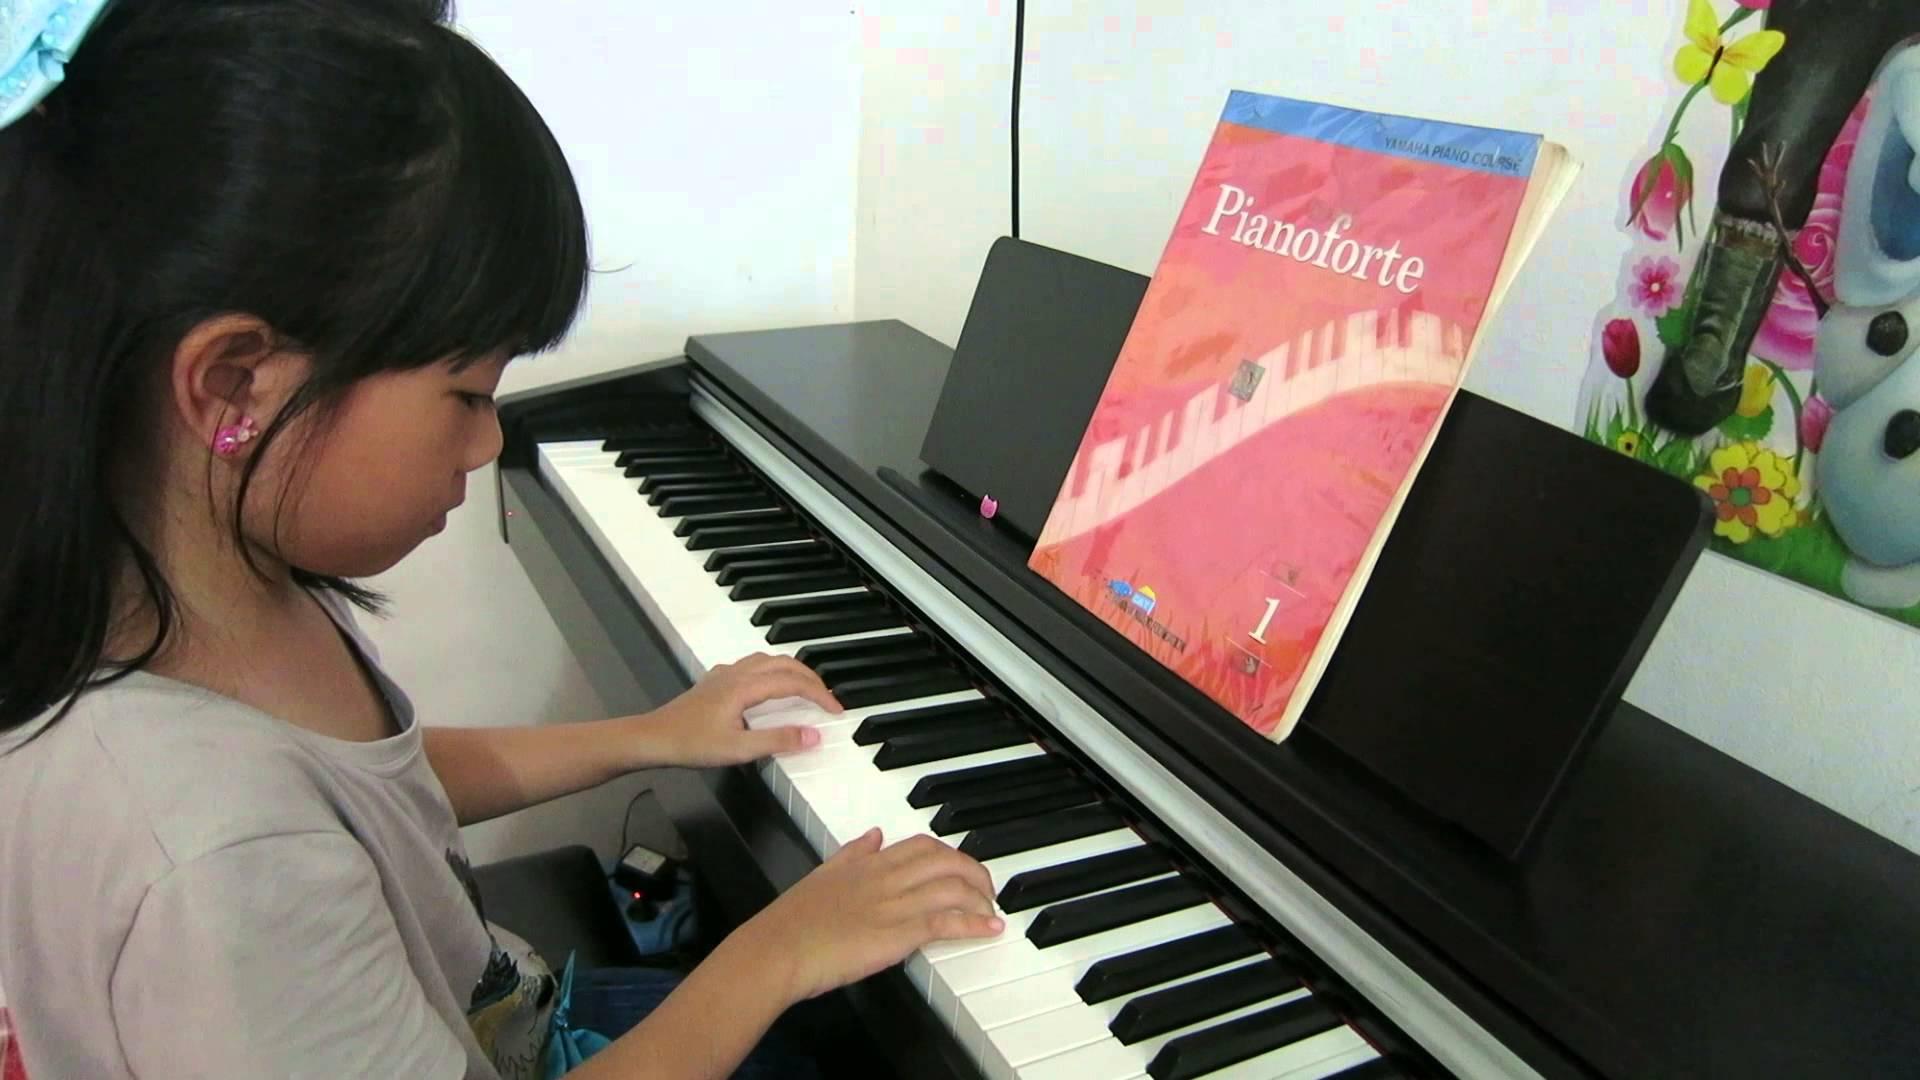 Konsol Duvar Dik Stand Piyano Elektro Dijital Music Klasik Müzikler Bilgiler Çalgı Enstrümanı Piyanosu Çal Nedir Bilgi Sözlük Pianist Piyanolar Konseri Dinleti Çal Çocukları